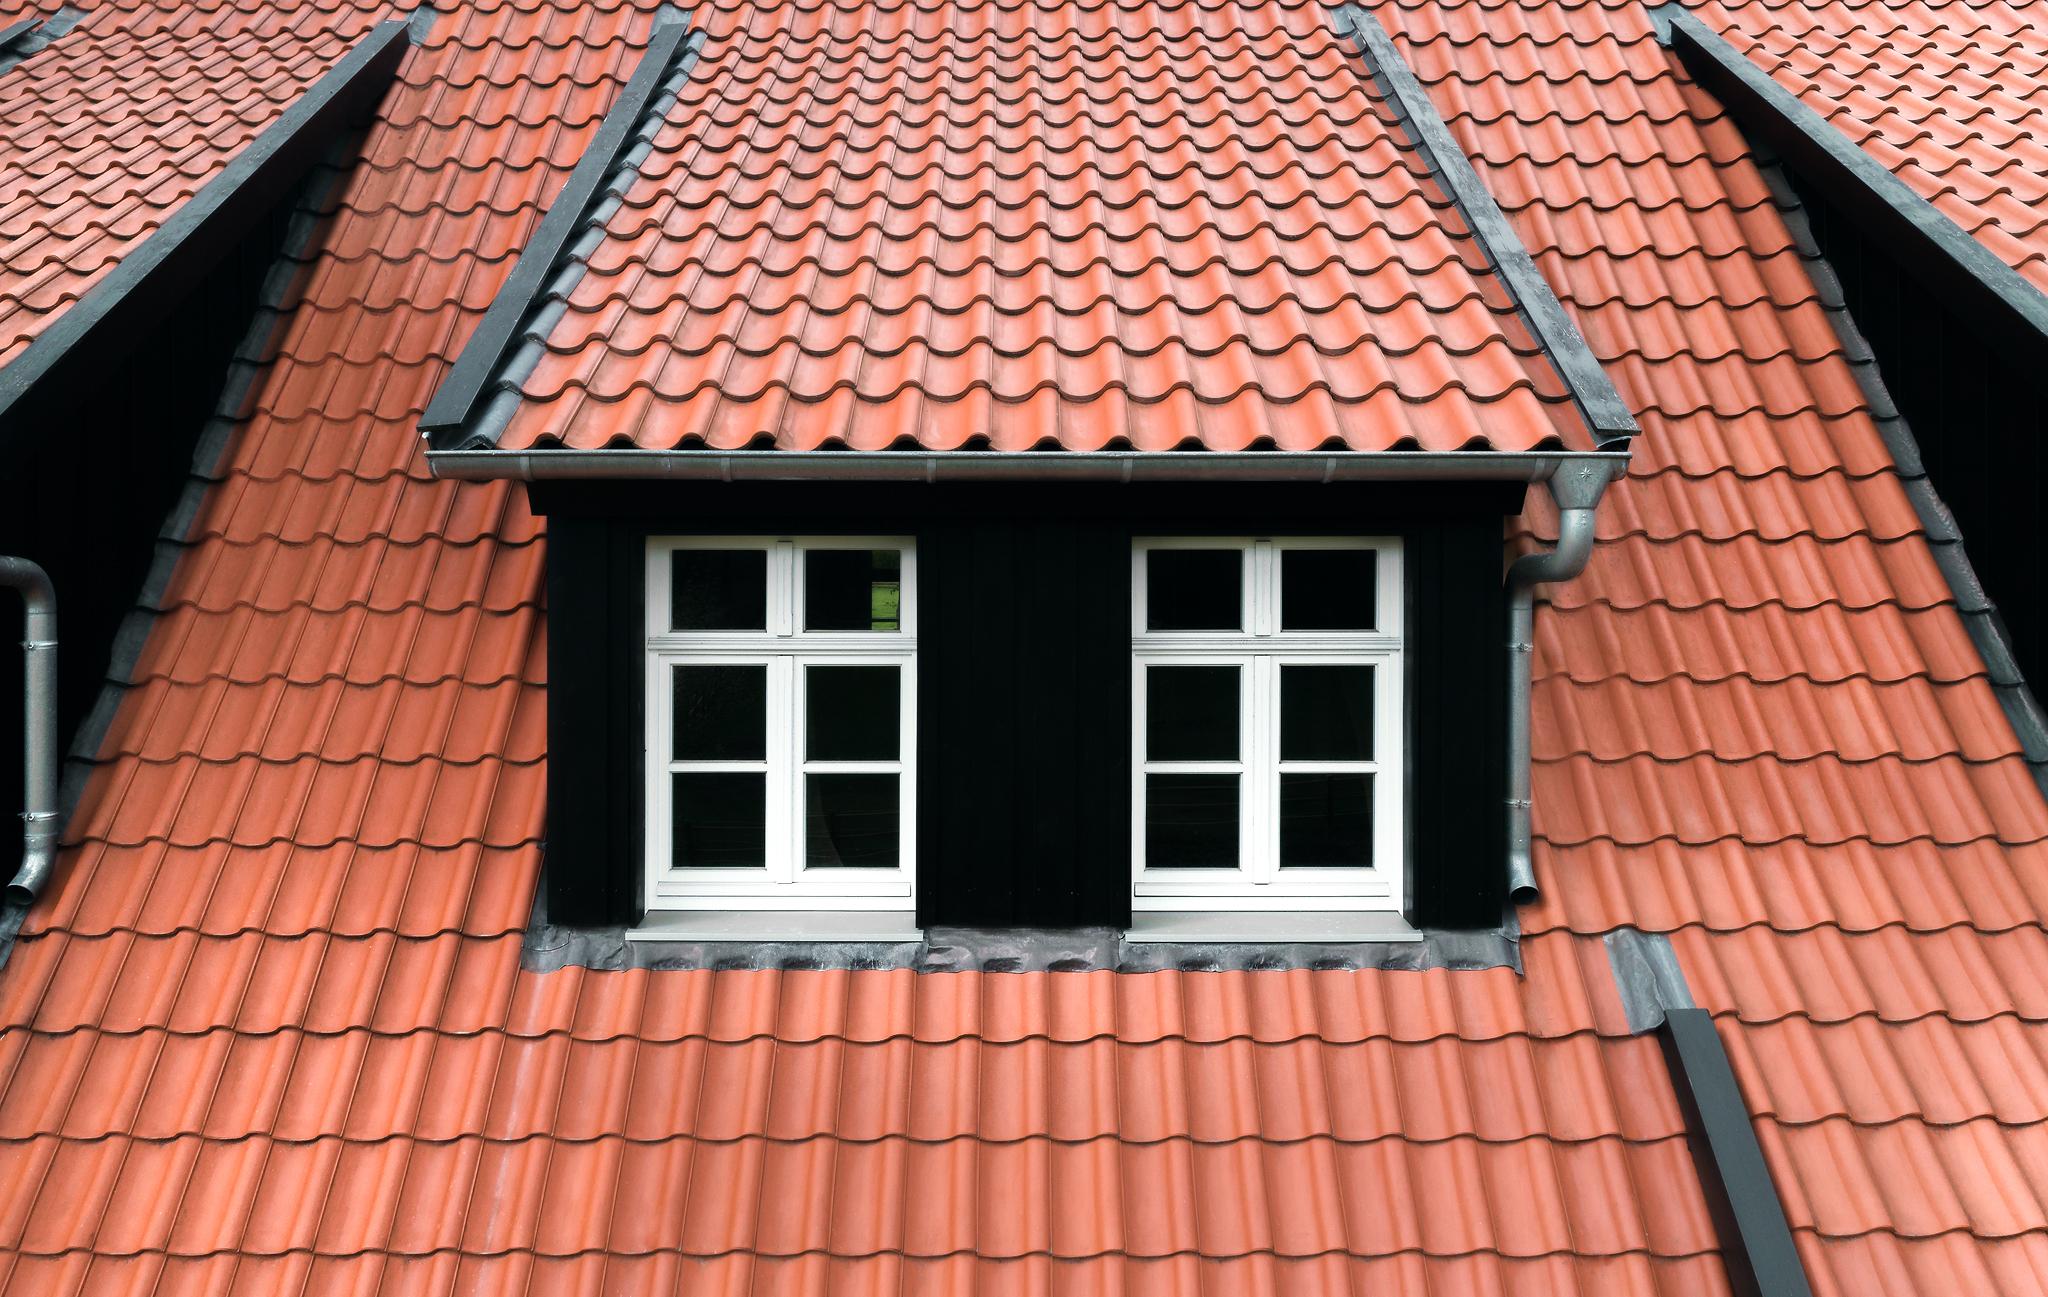 Drohnenaufnahme vom Dach, Produktfotografie von Ziegelsteinen, Klinkern und Baustoffen, NRW